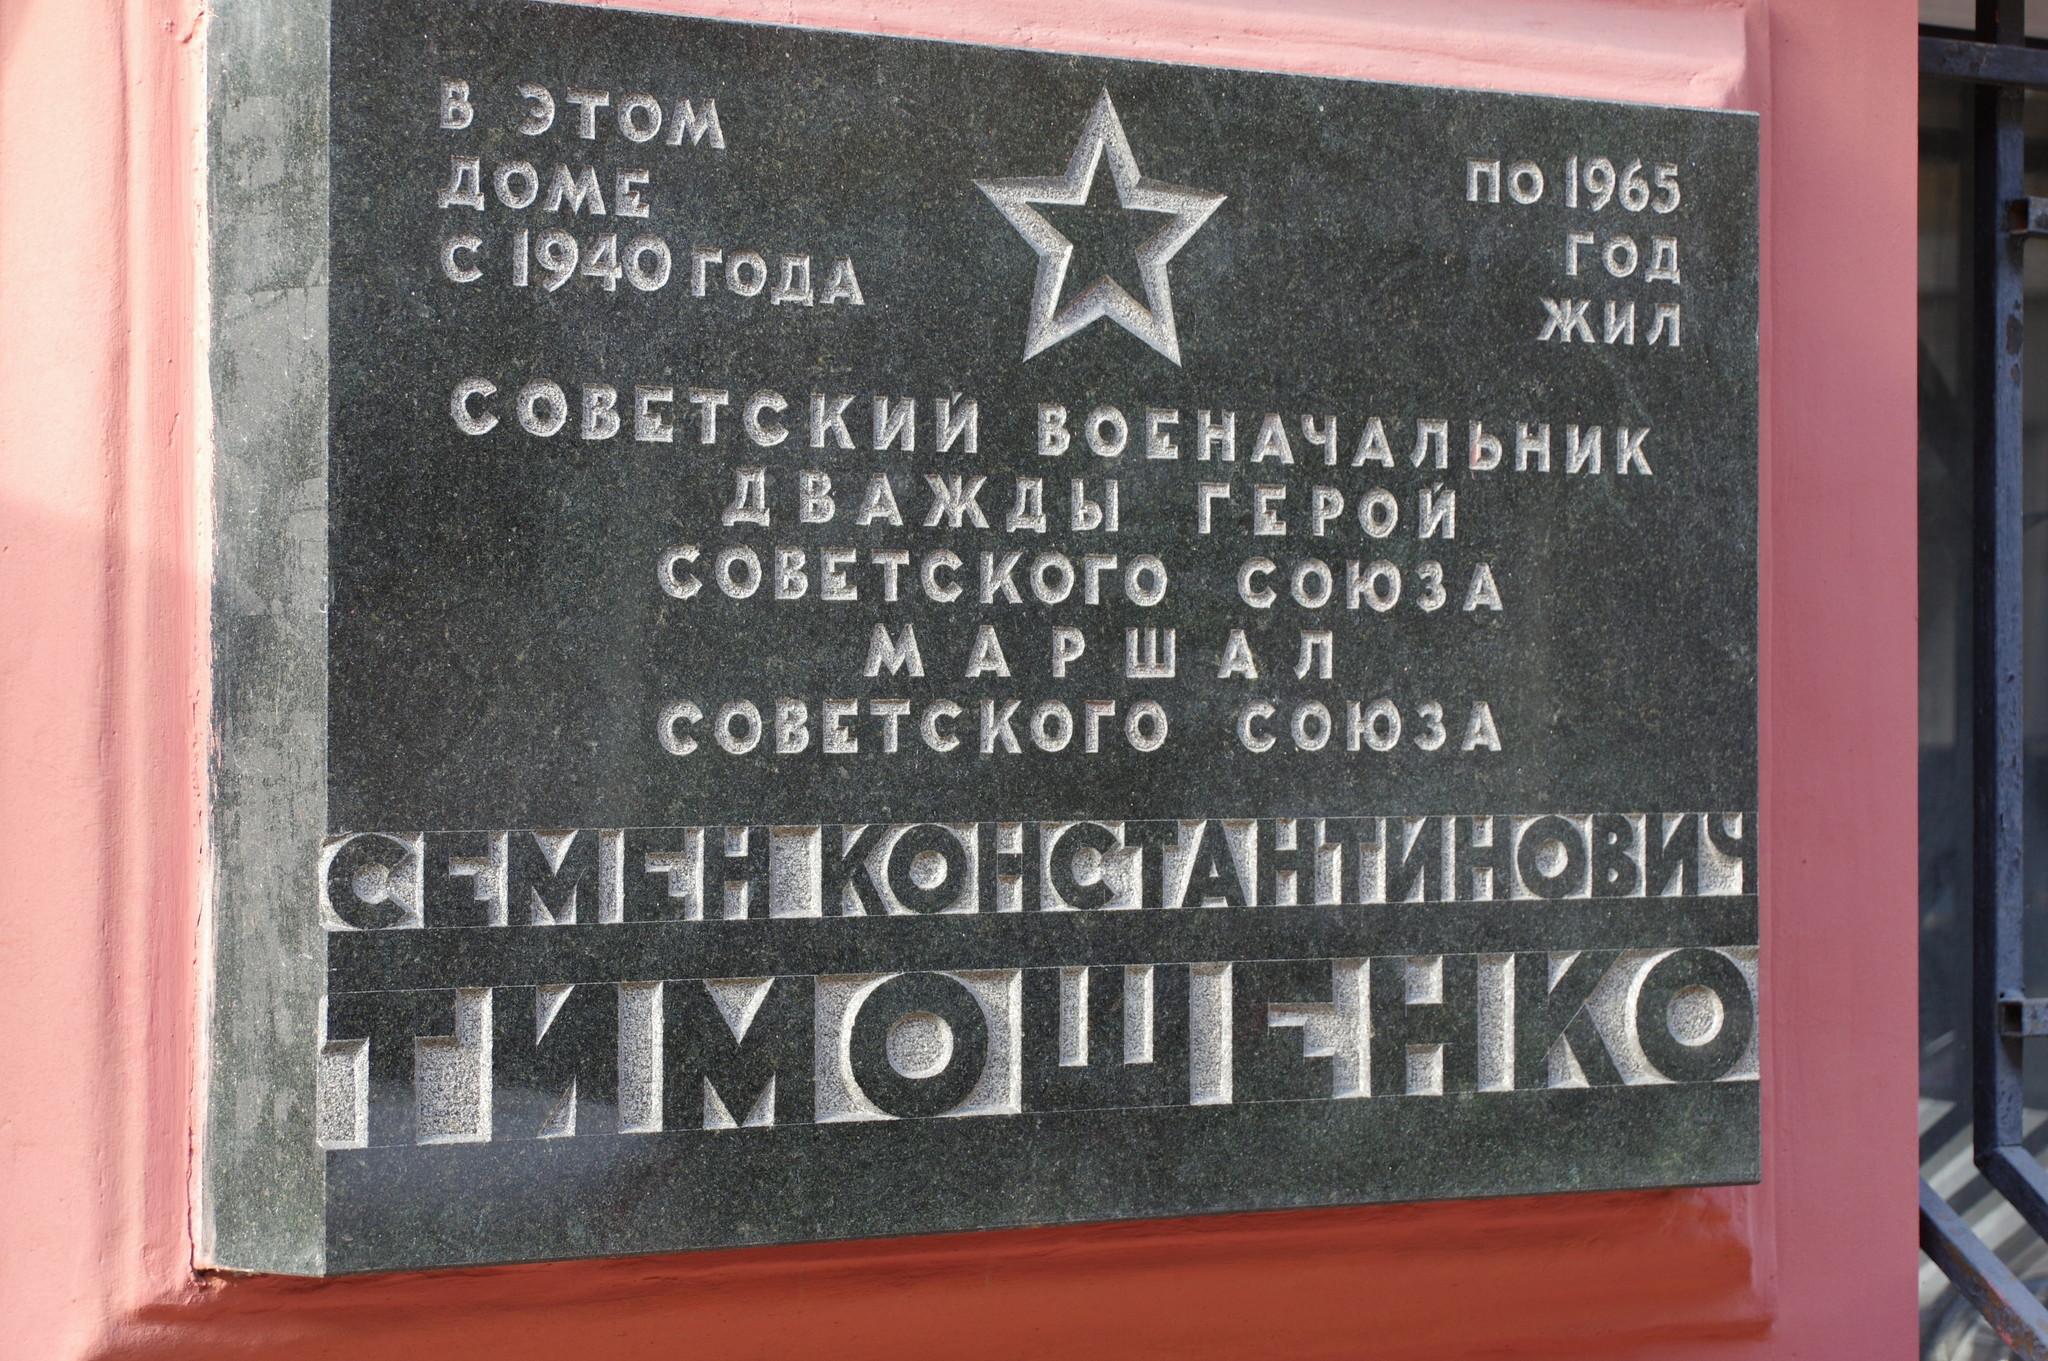 Мемориальная доска Семёну Константиновичу Тимошенко в Москве на доме № 3 в Романовом переулке